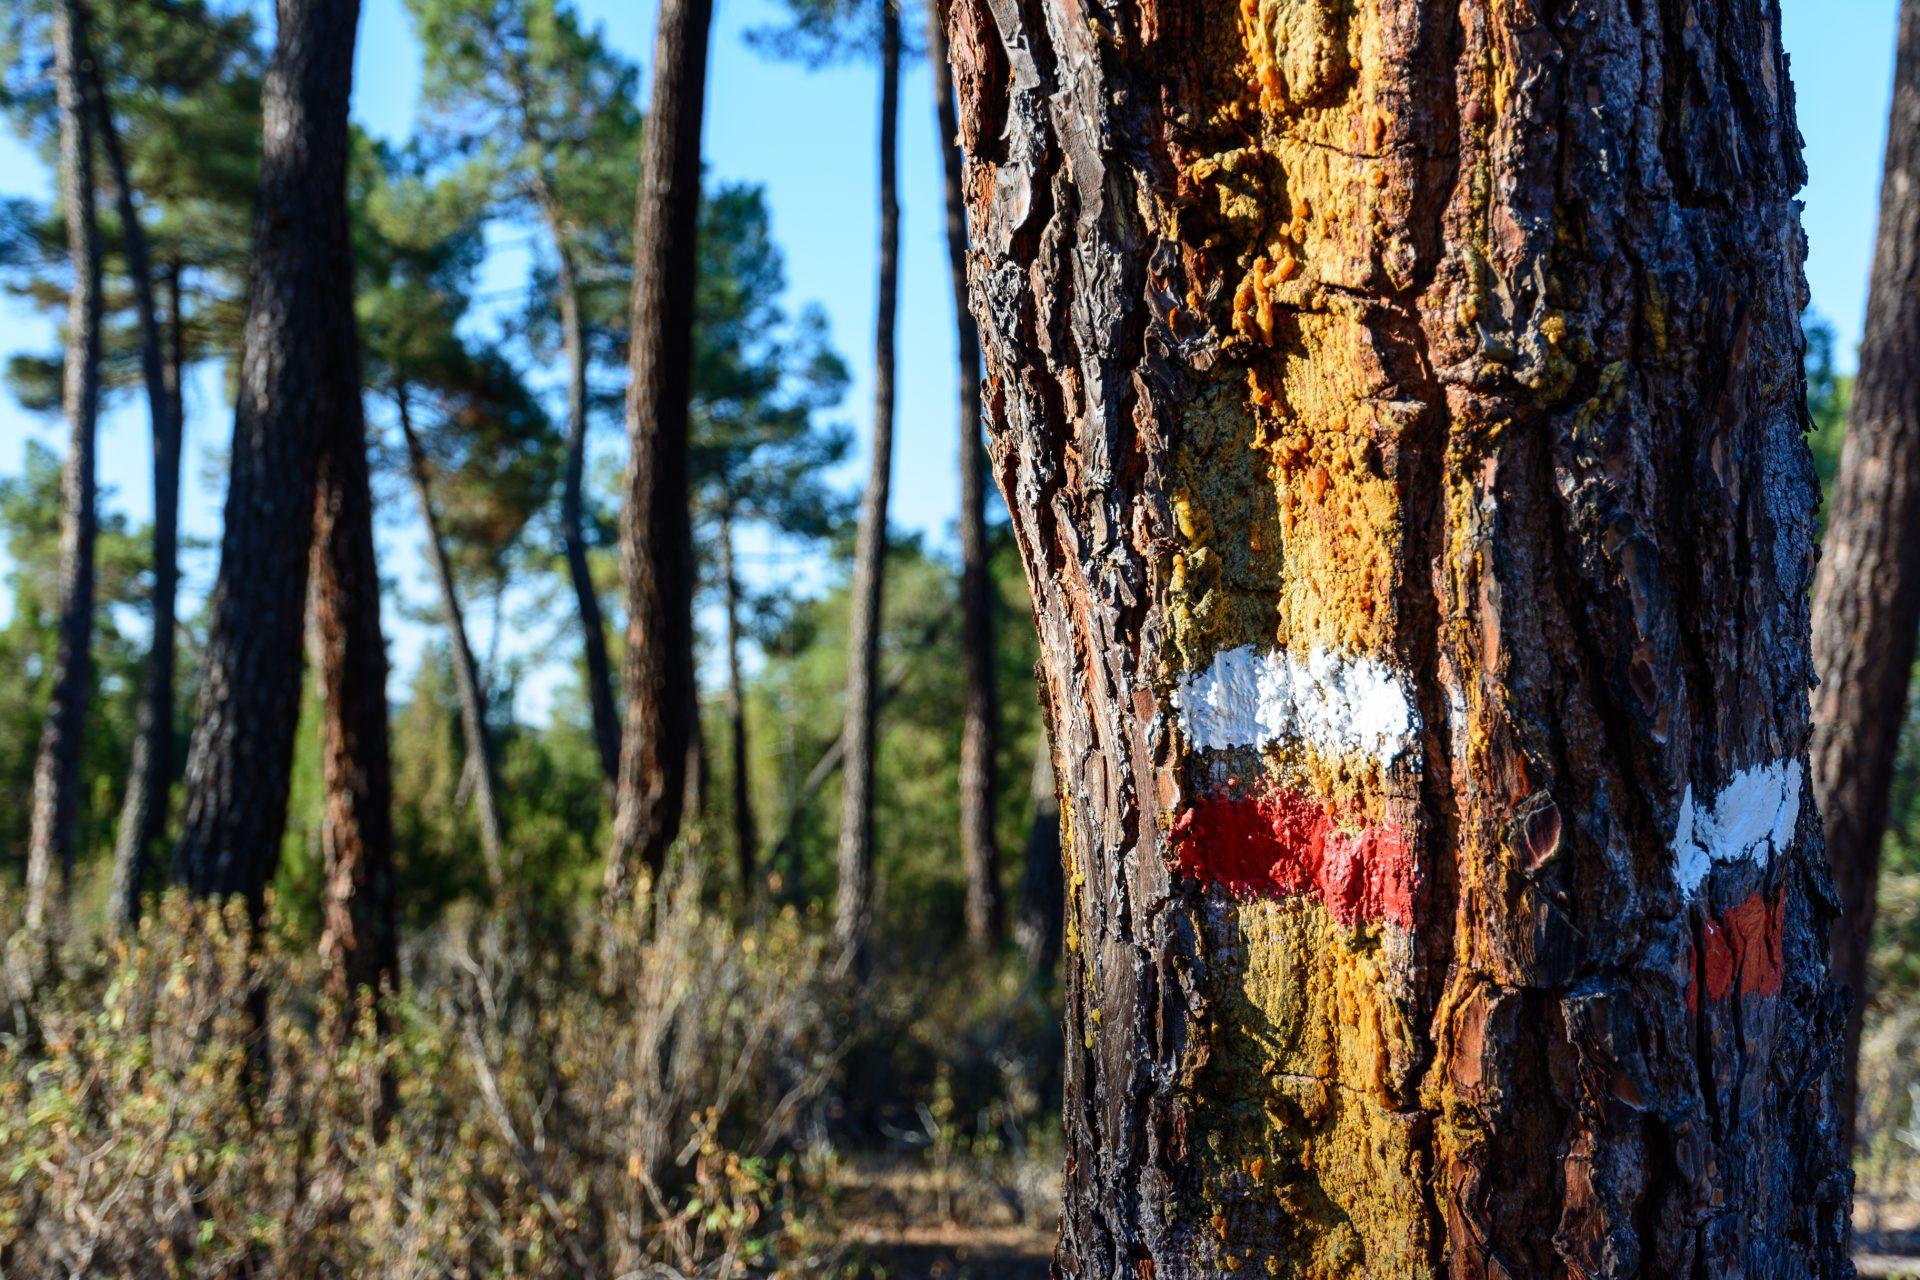 Andaluz. Los pinares de pino resinero